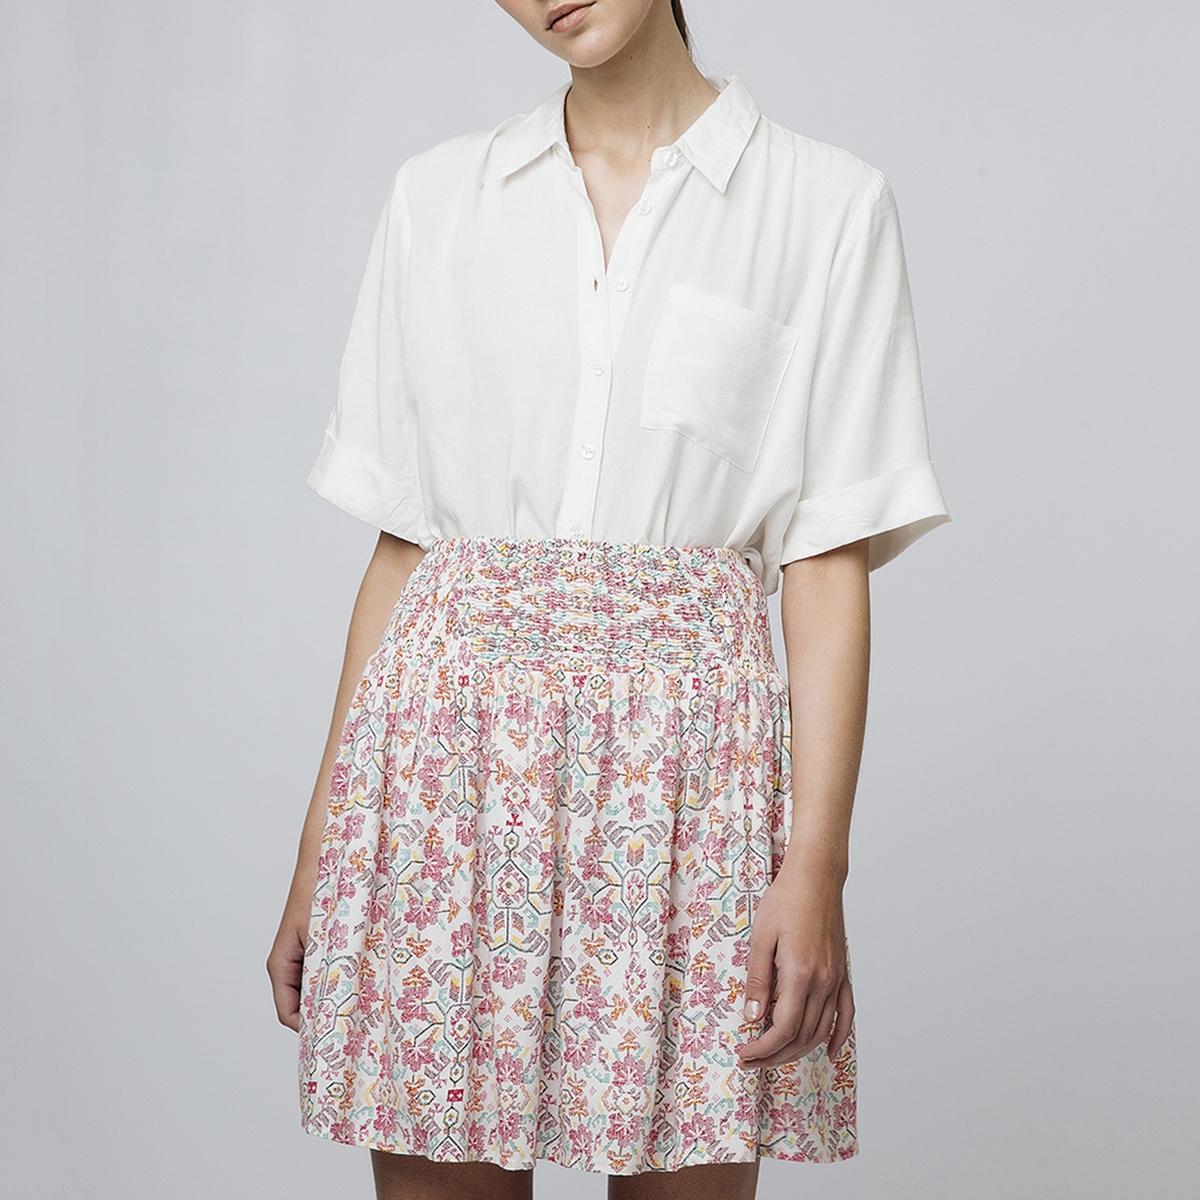 Юбка La Redoute Короткая расклешенная с цветочным рисунком и оборками на поясе XS бежевый юбка la redoute короткая расклешенная с цветочным рисунком и оборками на поясе xs бежевый